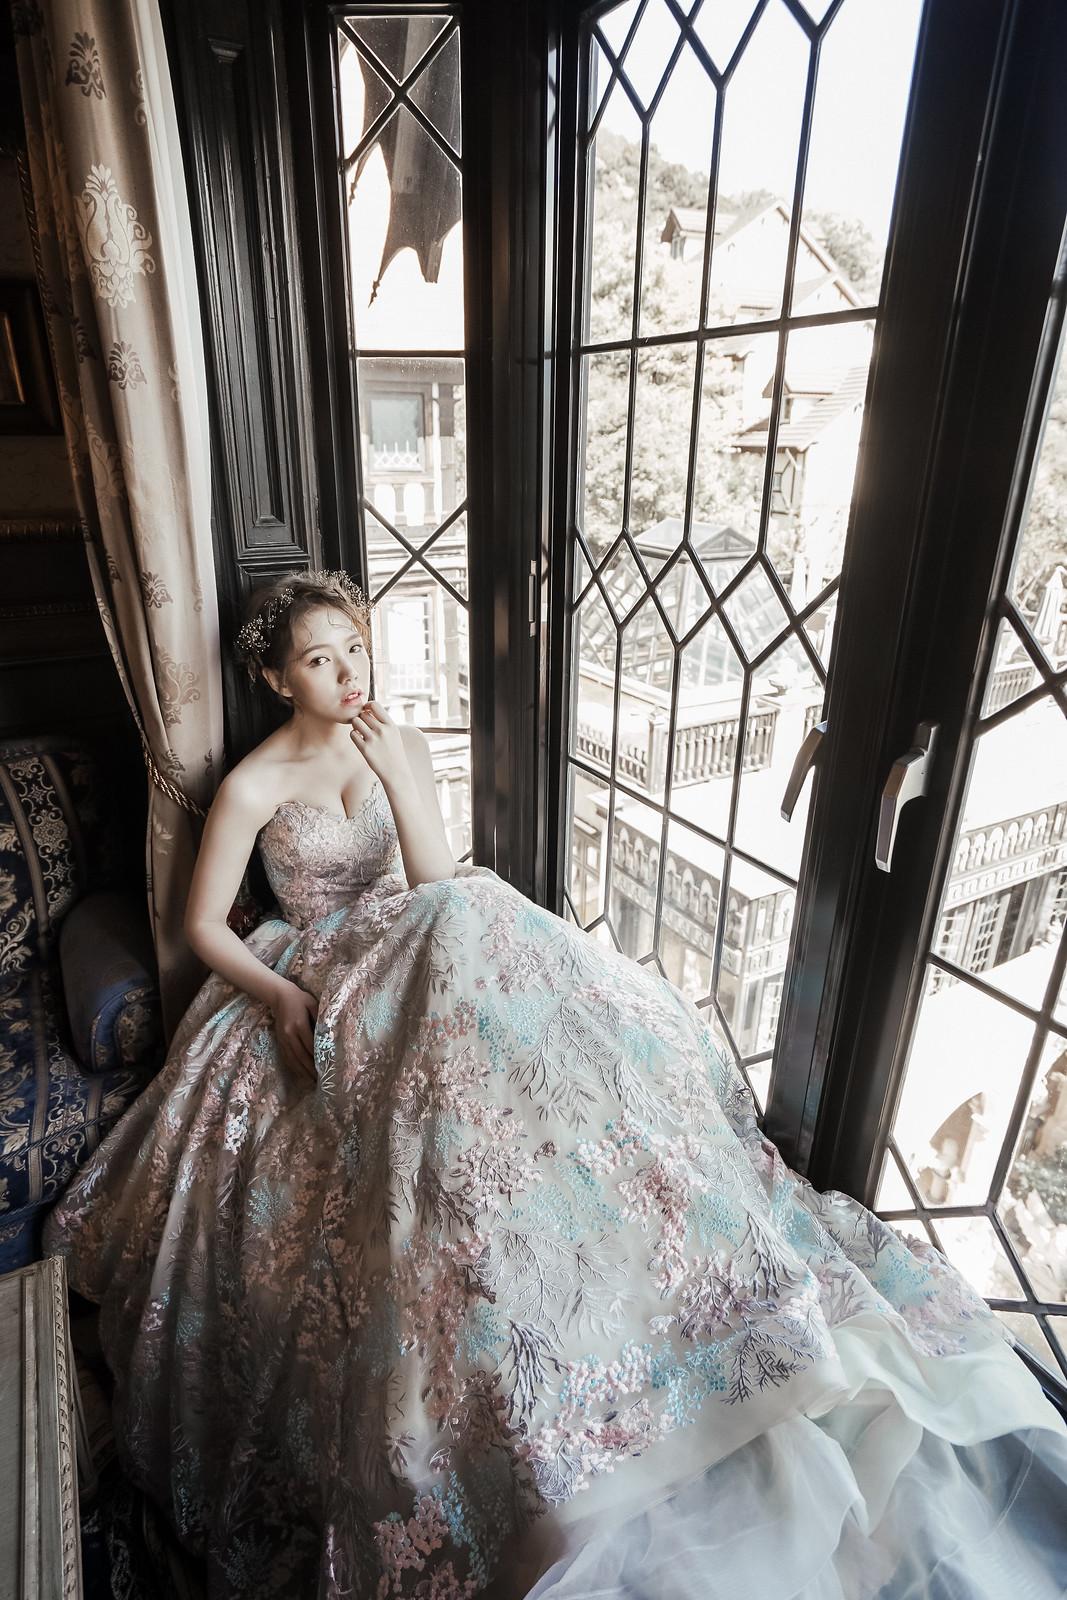 自主婚紗,冷艷,女皇,婚紗,婚紗照,幸福,傳統,個性婚紗,氣勢,神秘,吸引力,高貴,冷豔,攝影,造型,禮服,AMOR,愛情來了,莫兒禮服,攝影棚,外拍點,台中婚紗照,台中婚紗工作室